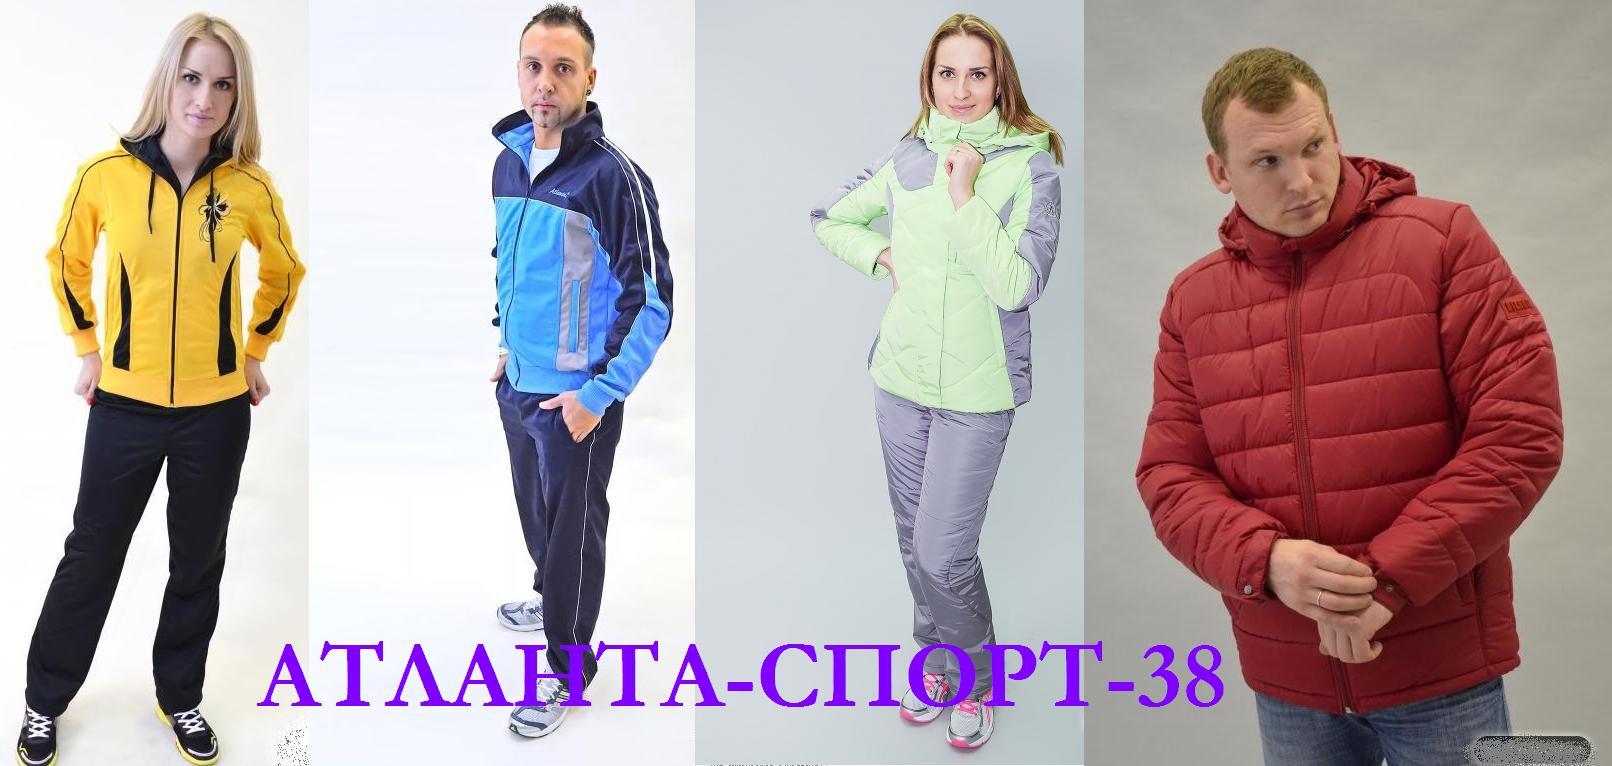 Атлaнтa Cпopт-38. Спортивные костюмы для всей семьи от 44 до 60-го р-ра. А так же Самые теплые мужские и женские зимние костюмы! Очень низкие цены! Отличные отзывы! Есть новинки! Без рядов!